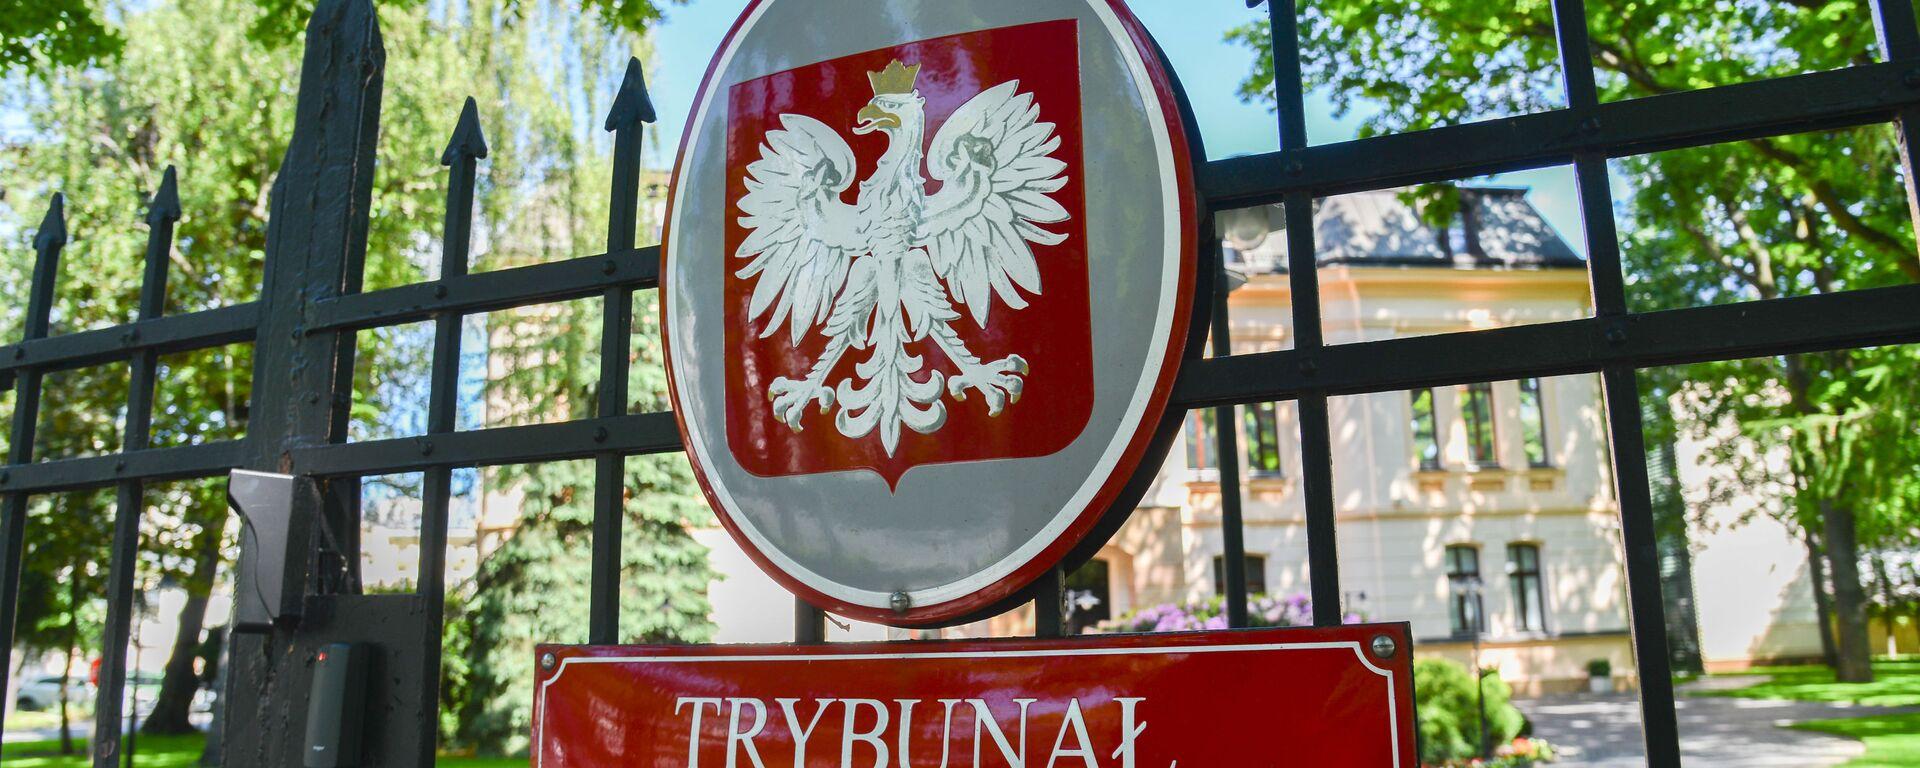 Trybunał Konstytucyjny - Sputnik Polska, 1920, 03.04.2021